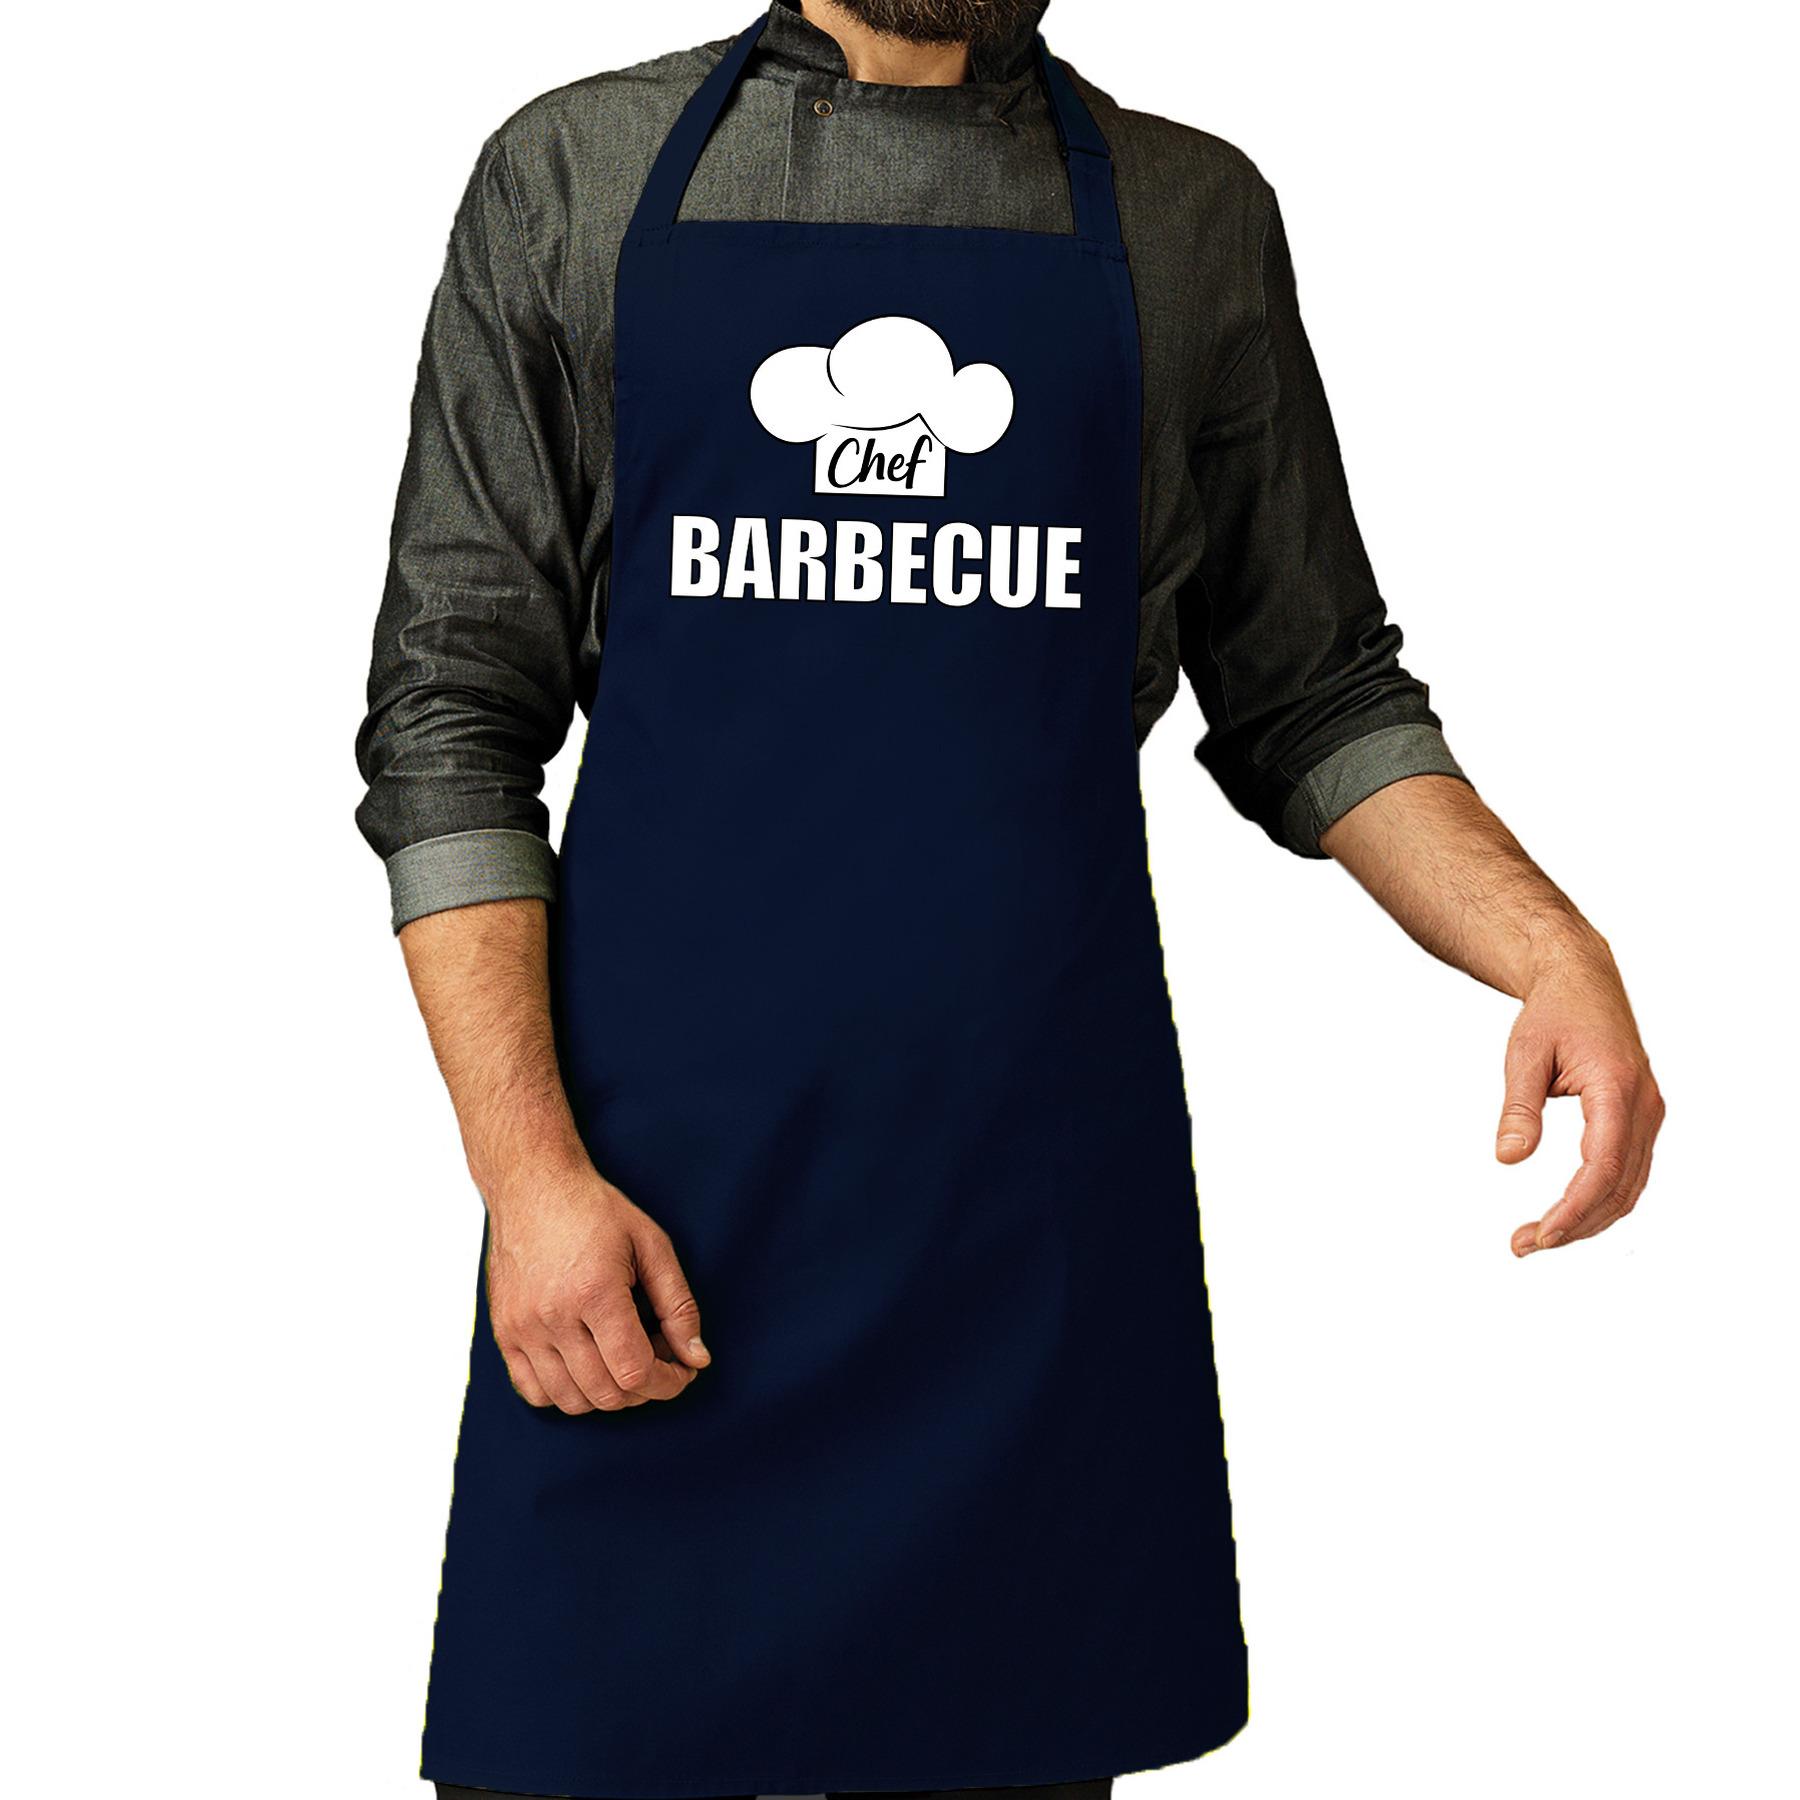 Chef barbecue schort - keukenschort navy heren